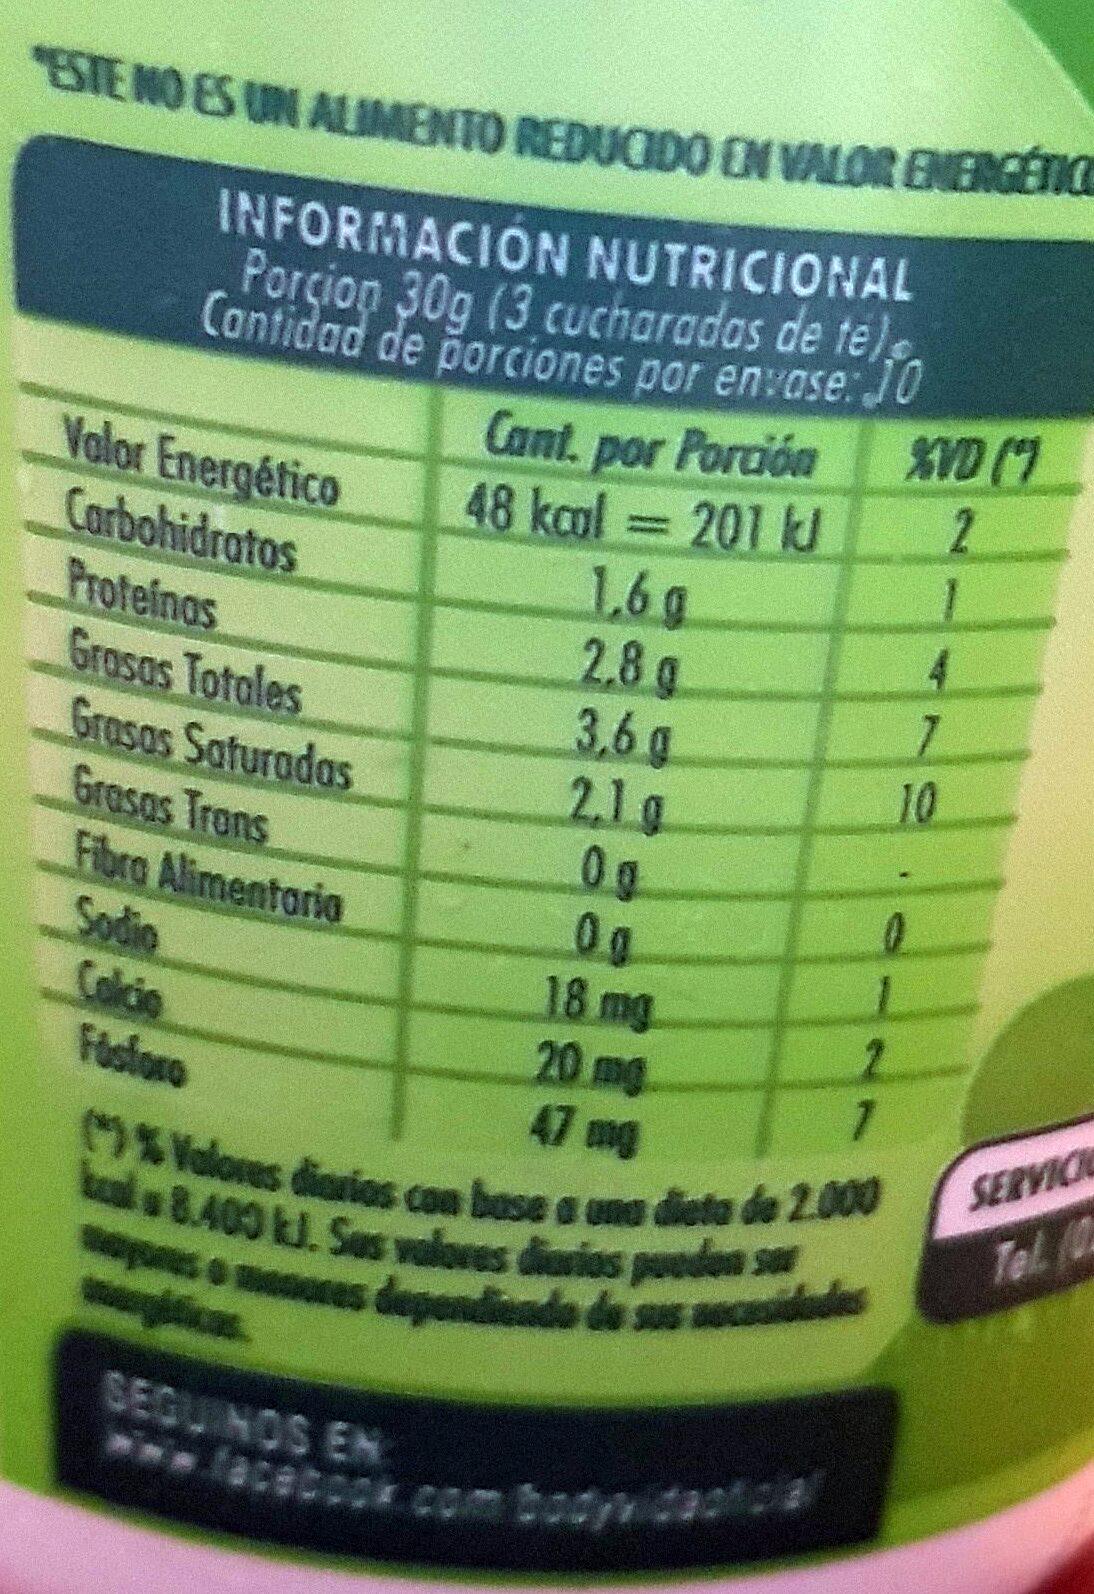 Queso de crema light - Informations nutritionnelles - es